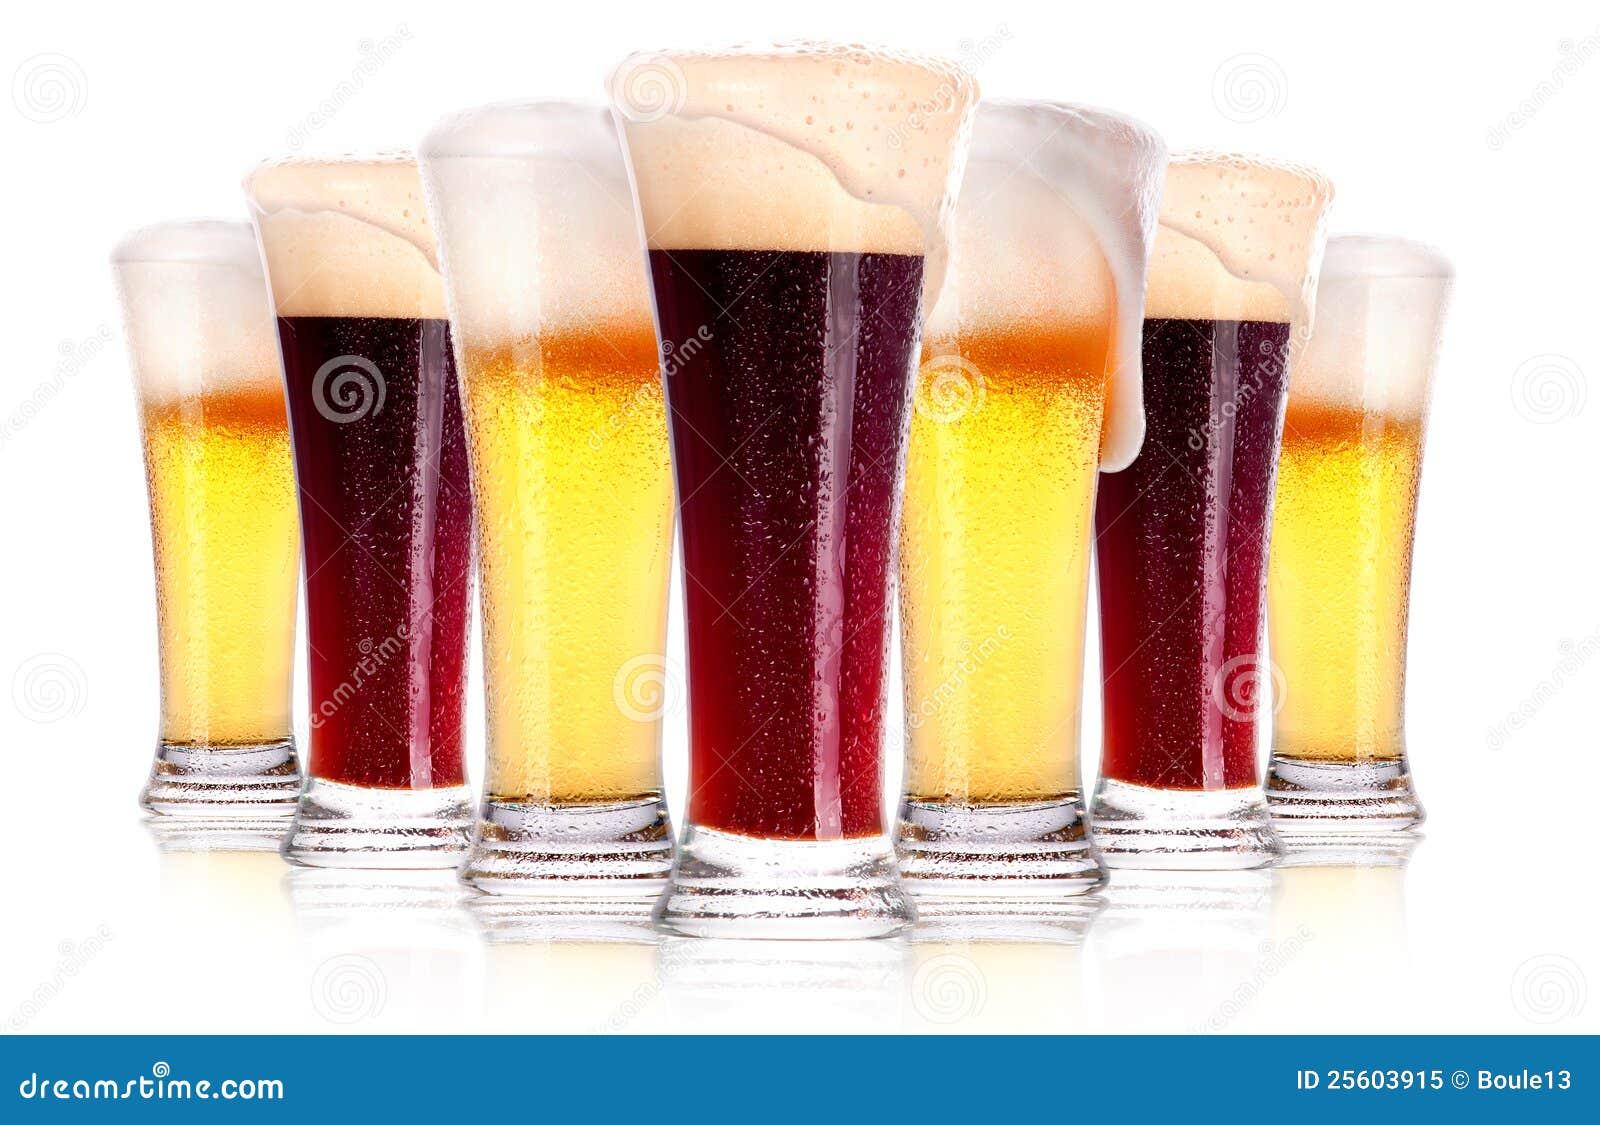 Mörk frostig glass lampa för öl